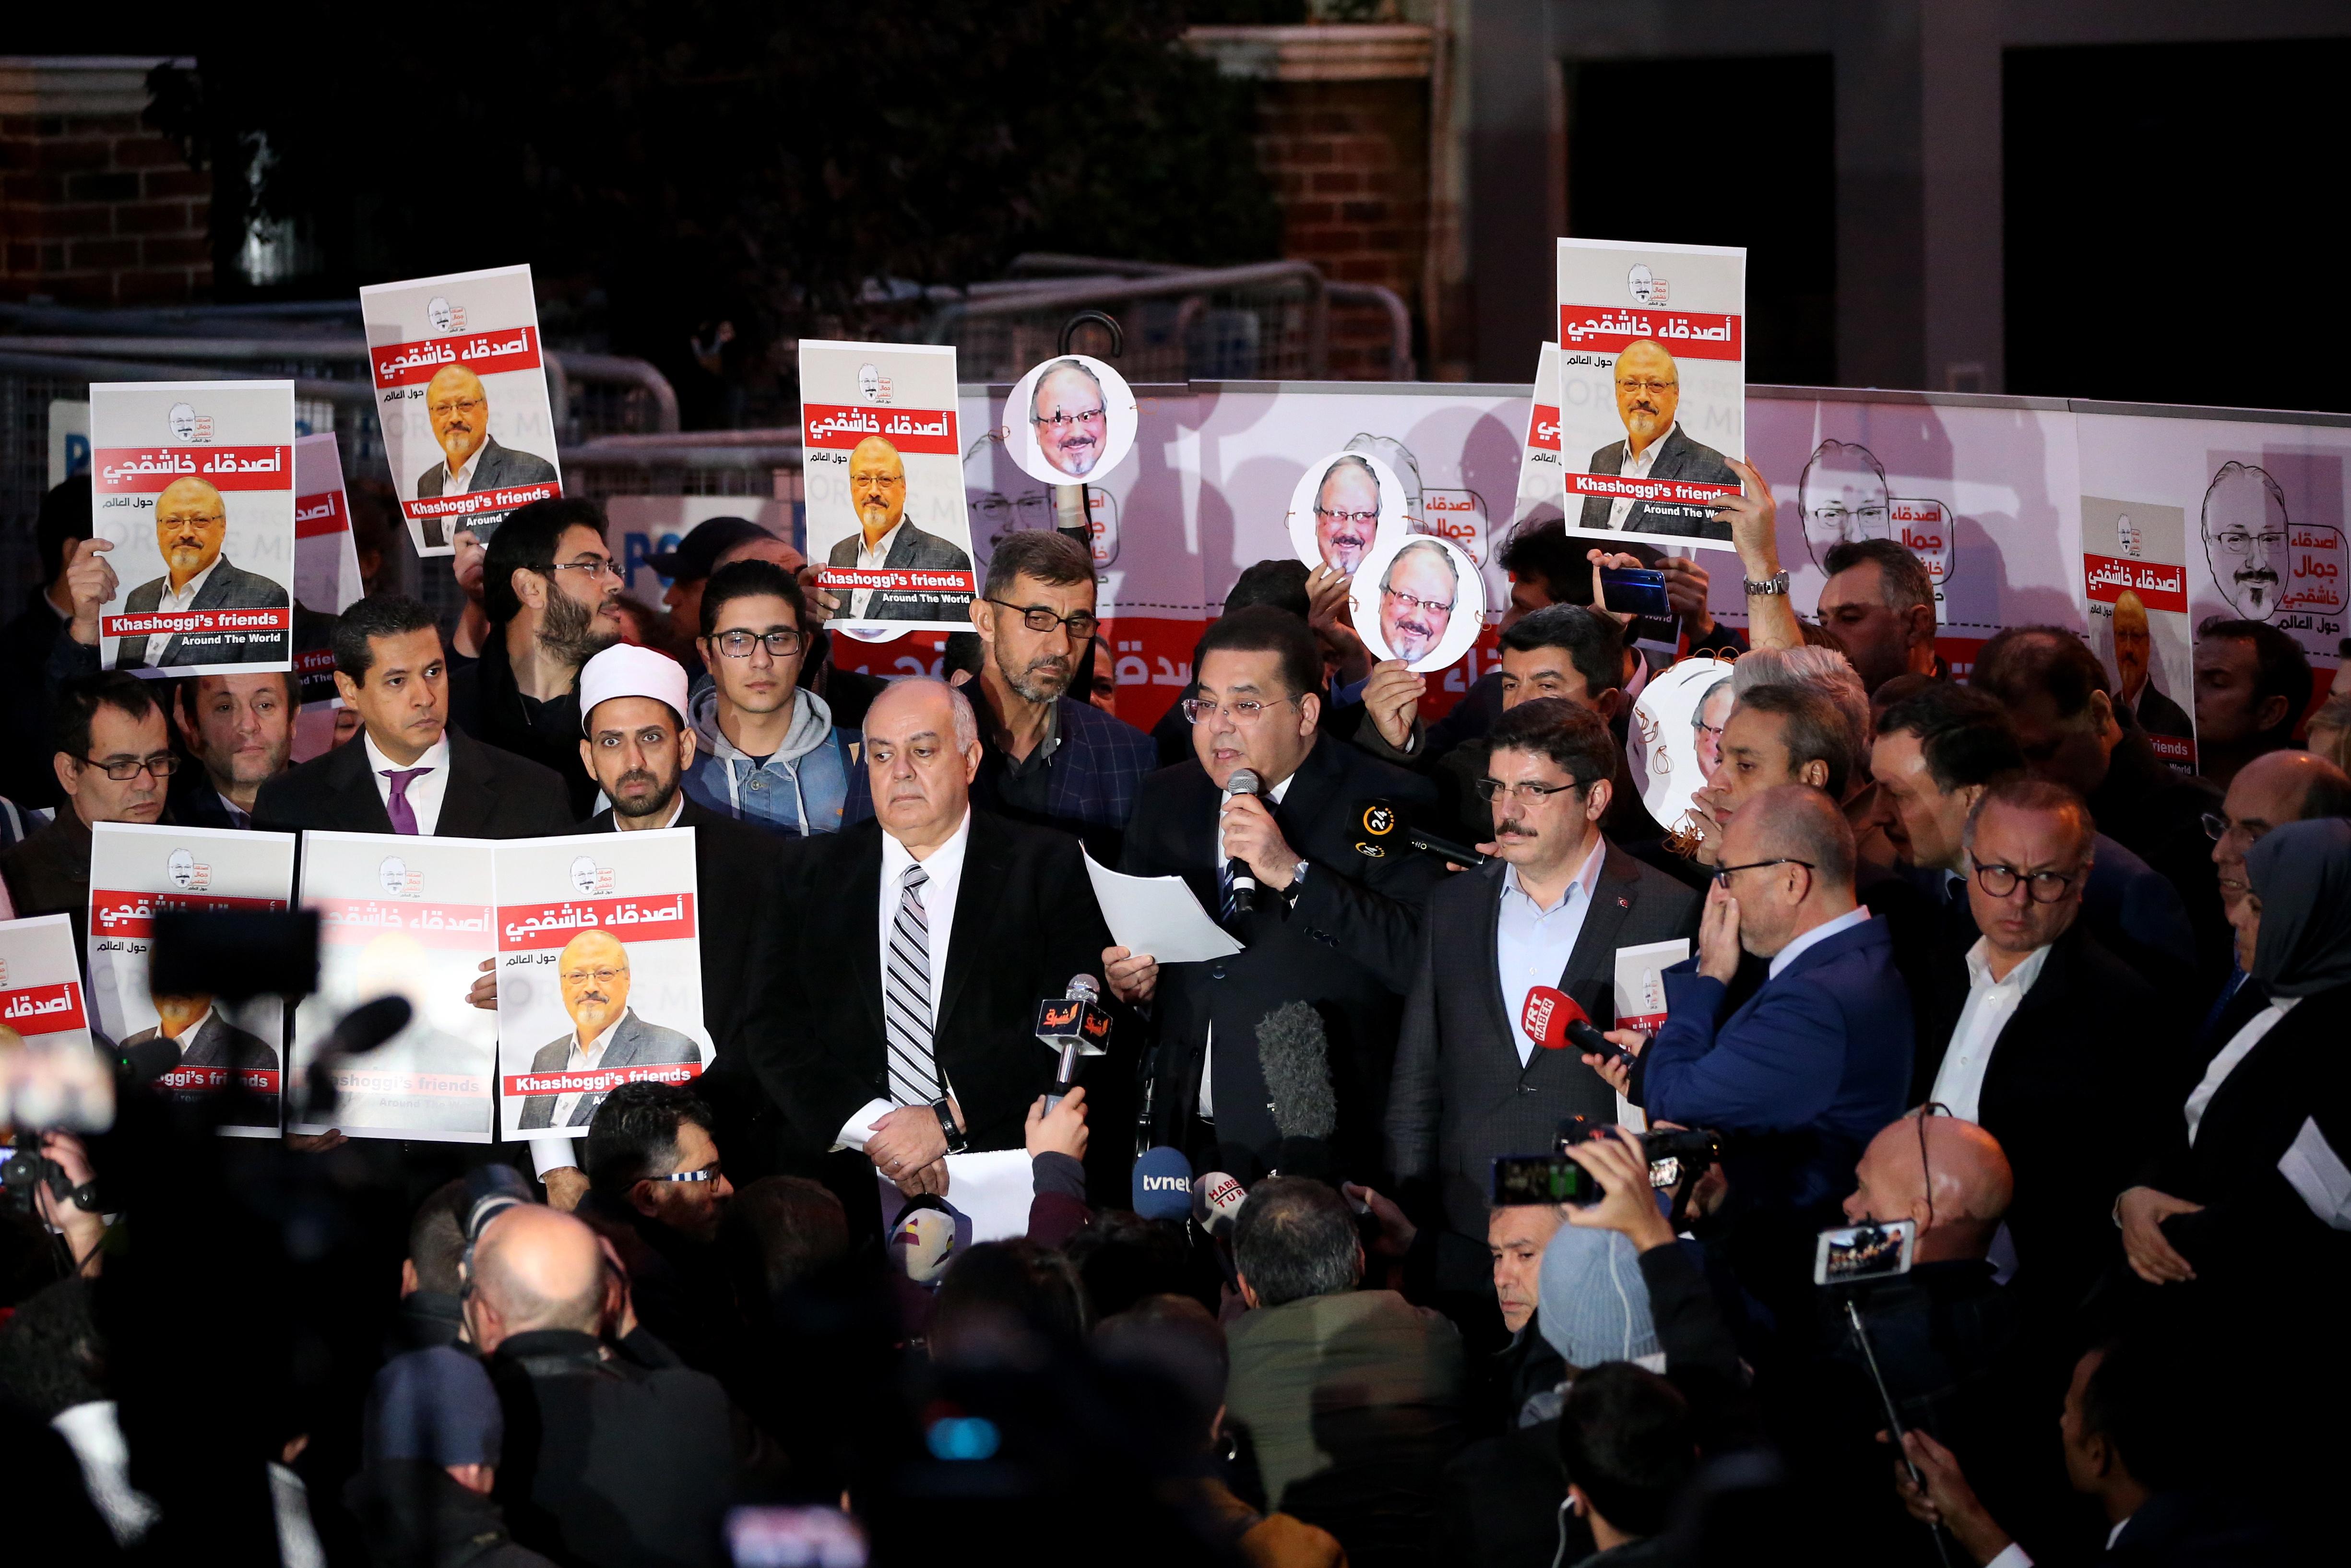 Turska traži izručenje Saudijaca osumnjičenih za Khashoggijevo ubojstvo